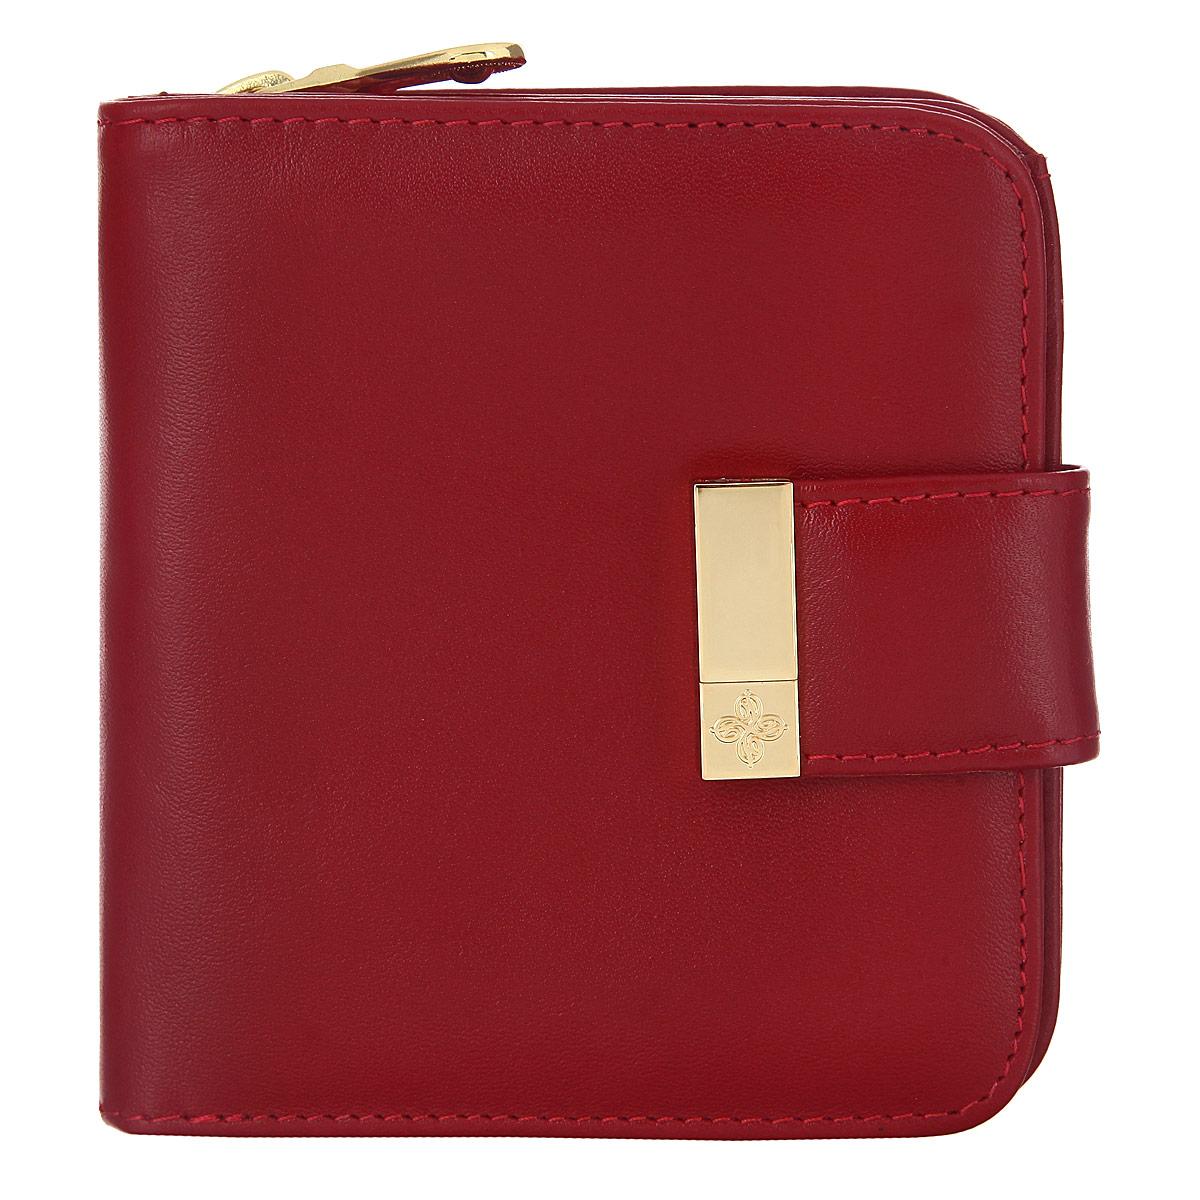 Кошелек Dimanche, цвет красный. 048048Стильный кошелек Dimanche выполнен из натуральной кожи, оформлен металлическим элементом с логотипом бренда. Изделие содержит два отделения. Первое отделение для монет закрывается на молнию. Второе отделение раскладывается, дополнительно закрывается на клапан с магнитной кнопкой. Отделение включает в себя: шесть кармашков для визиток или пластиковых карт, два потайных кармана для документов, два отделения для купюр. Кошелек упакован в подарочную коробку с логотипом фирмы. Такой кошелек станет замечательным подарком человеку, ценящему качественные и практичные вещи.